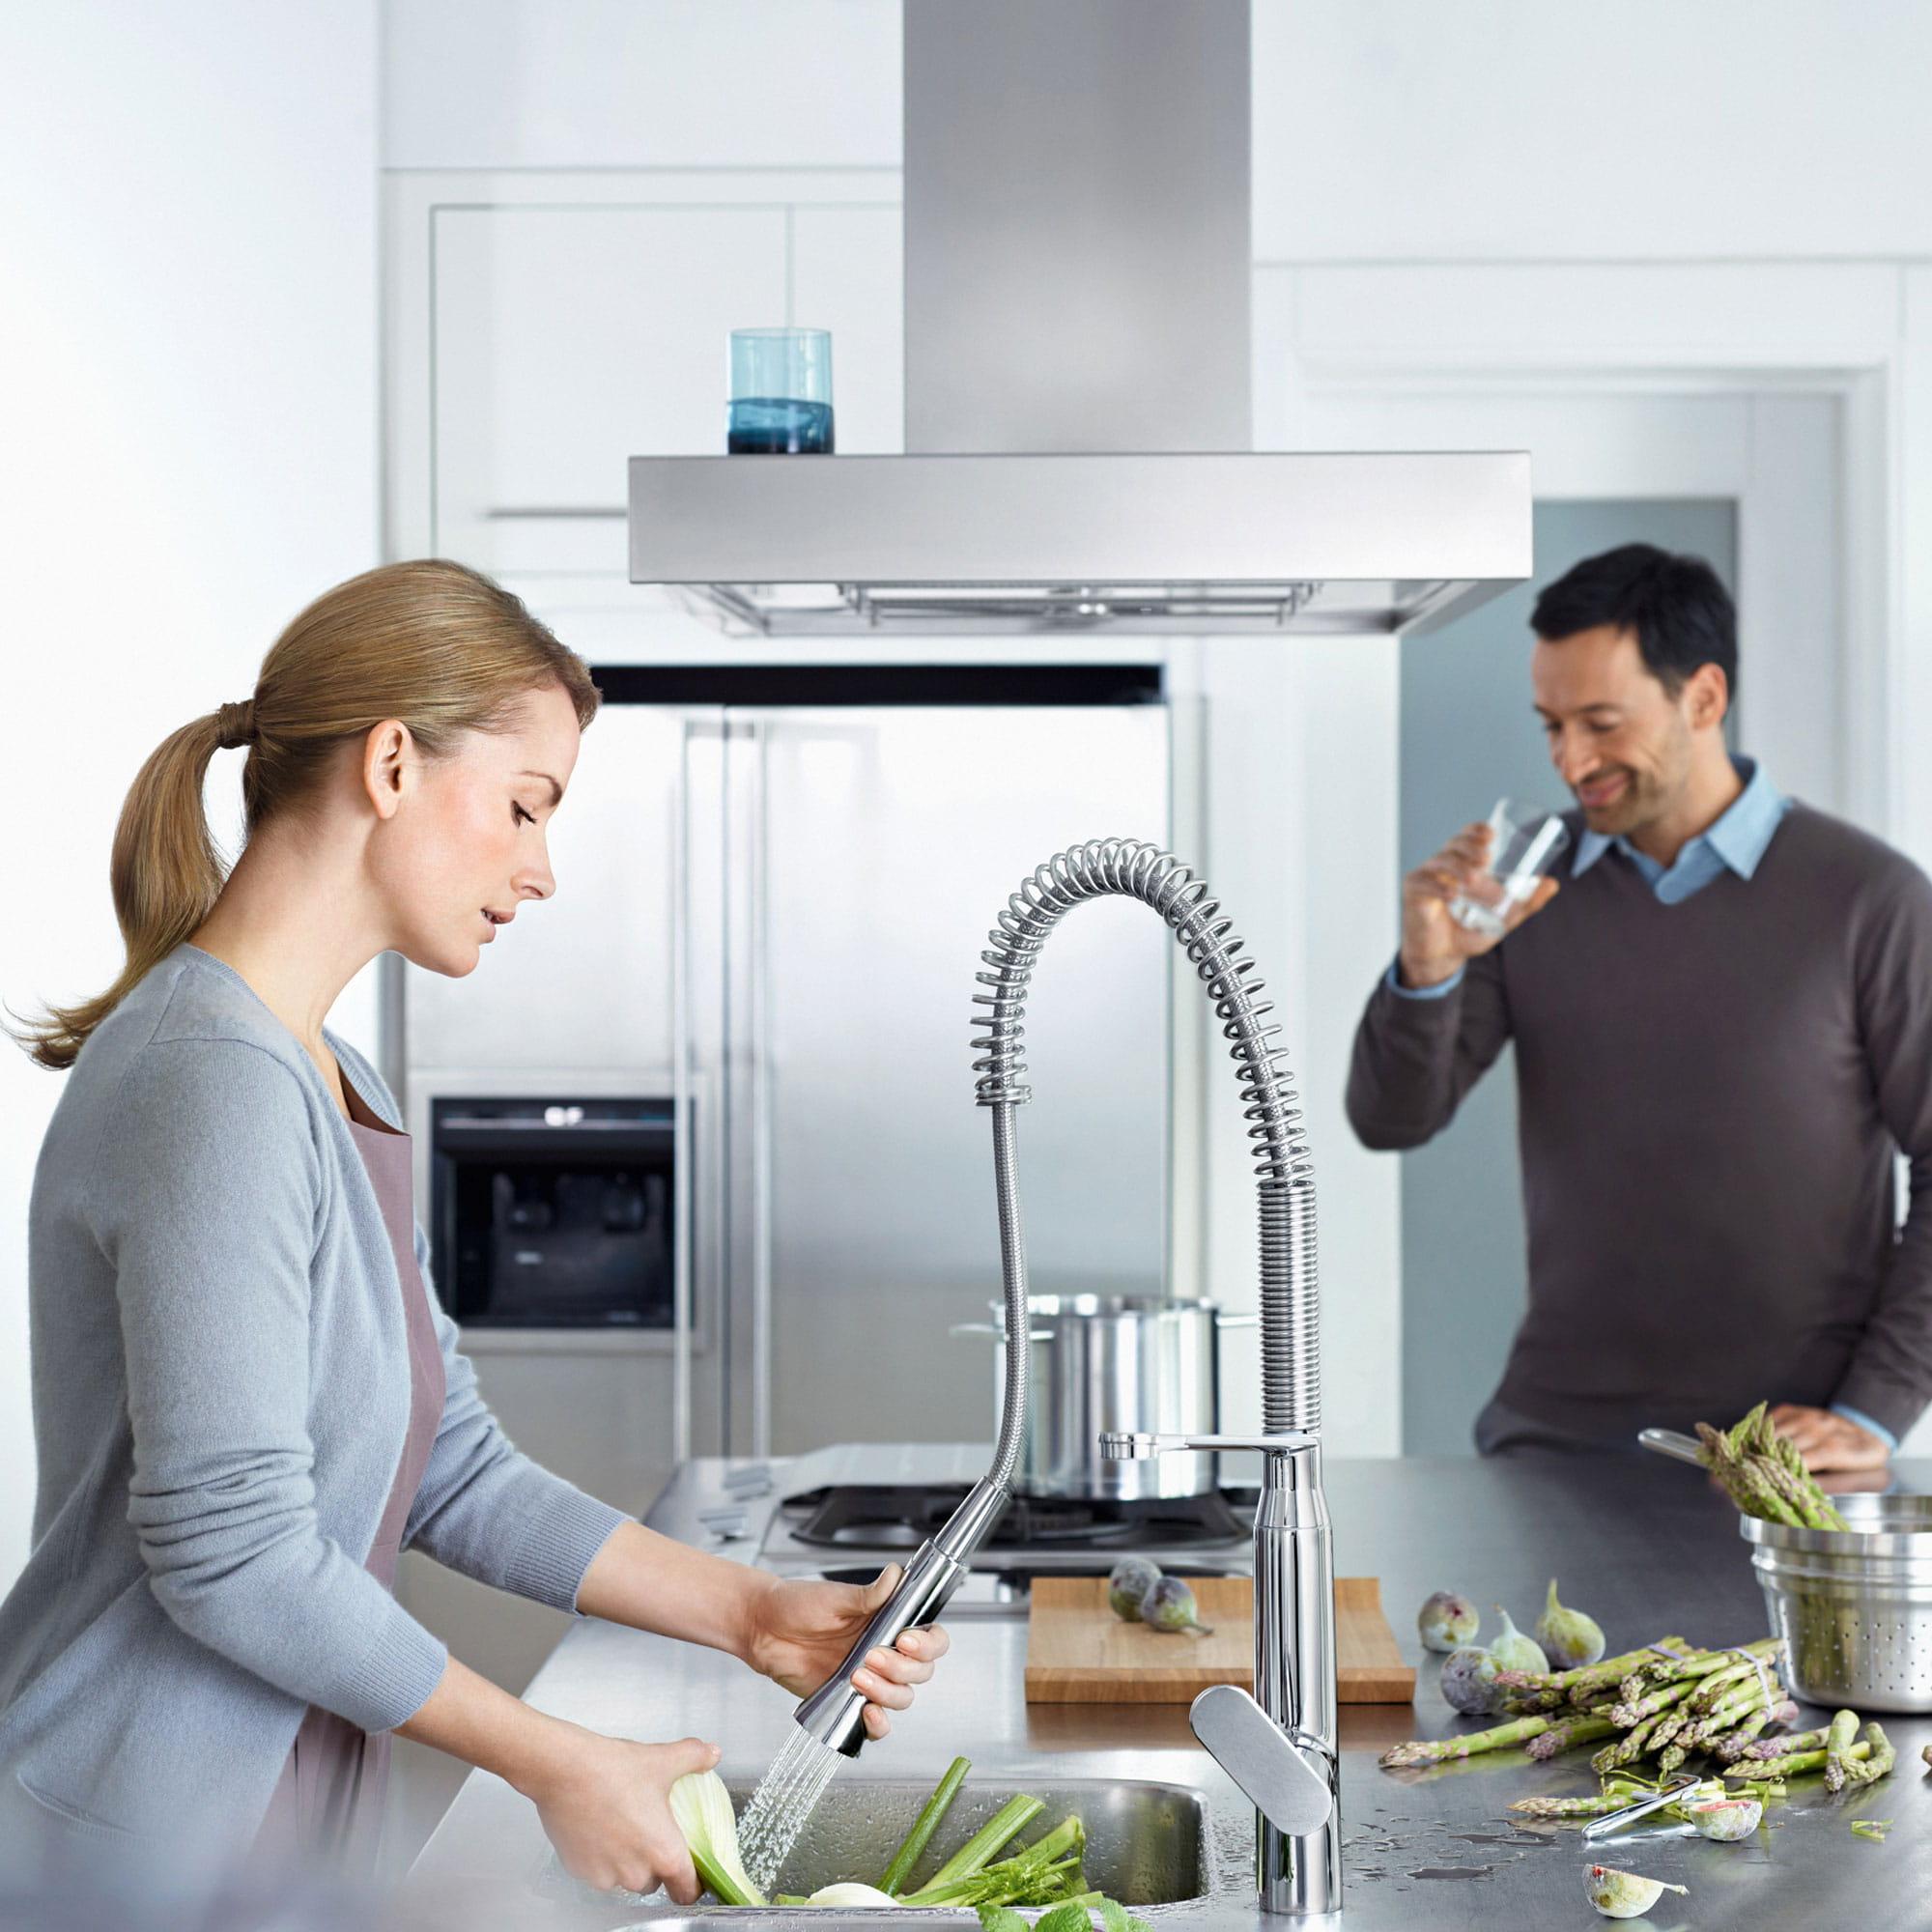 les gens dans la cuisine tout en lavant les légumes